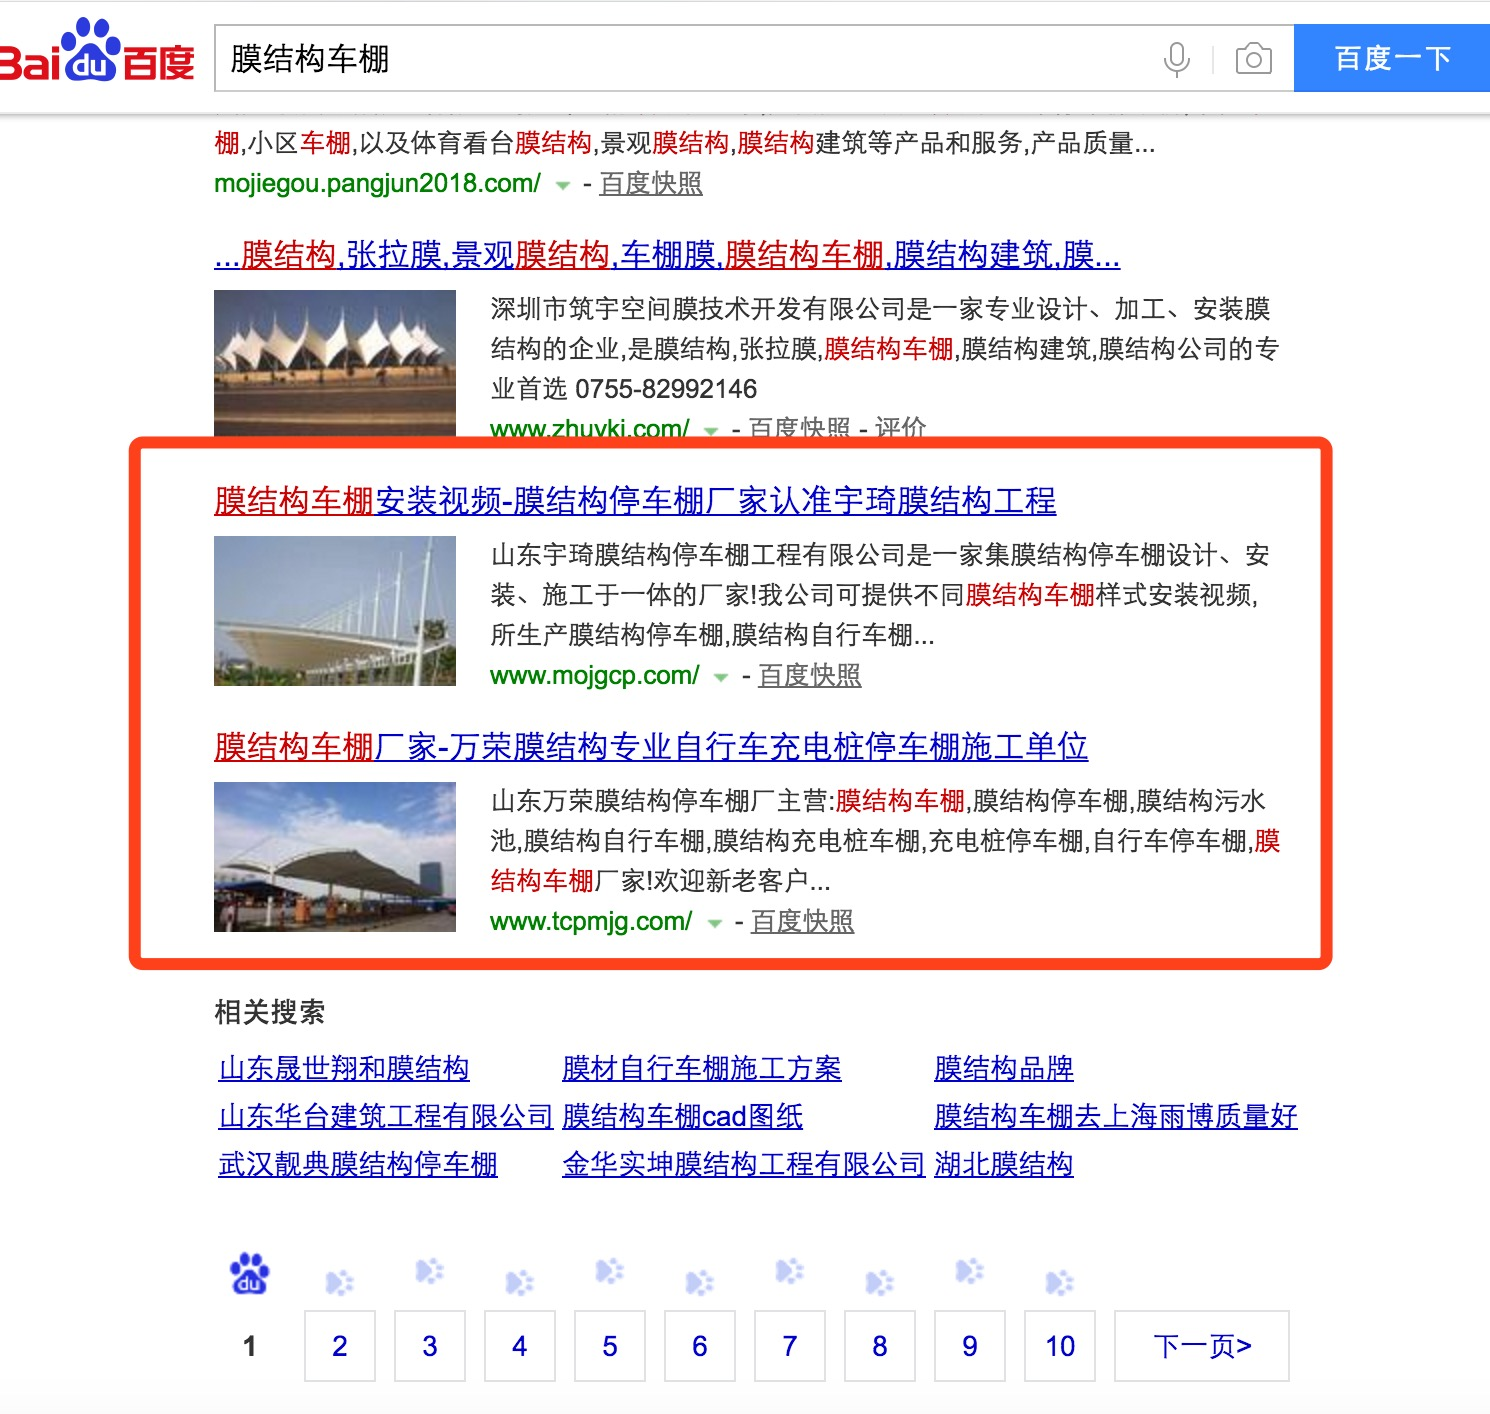 内容聚合并用原创的手法写好网站首页标题,关键词排名百度首页很简单